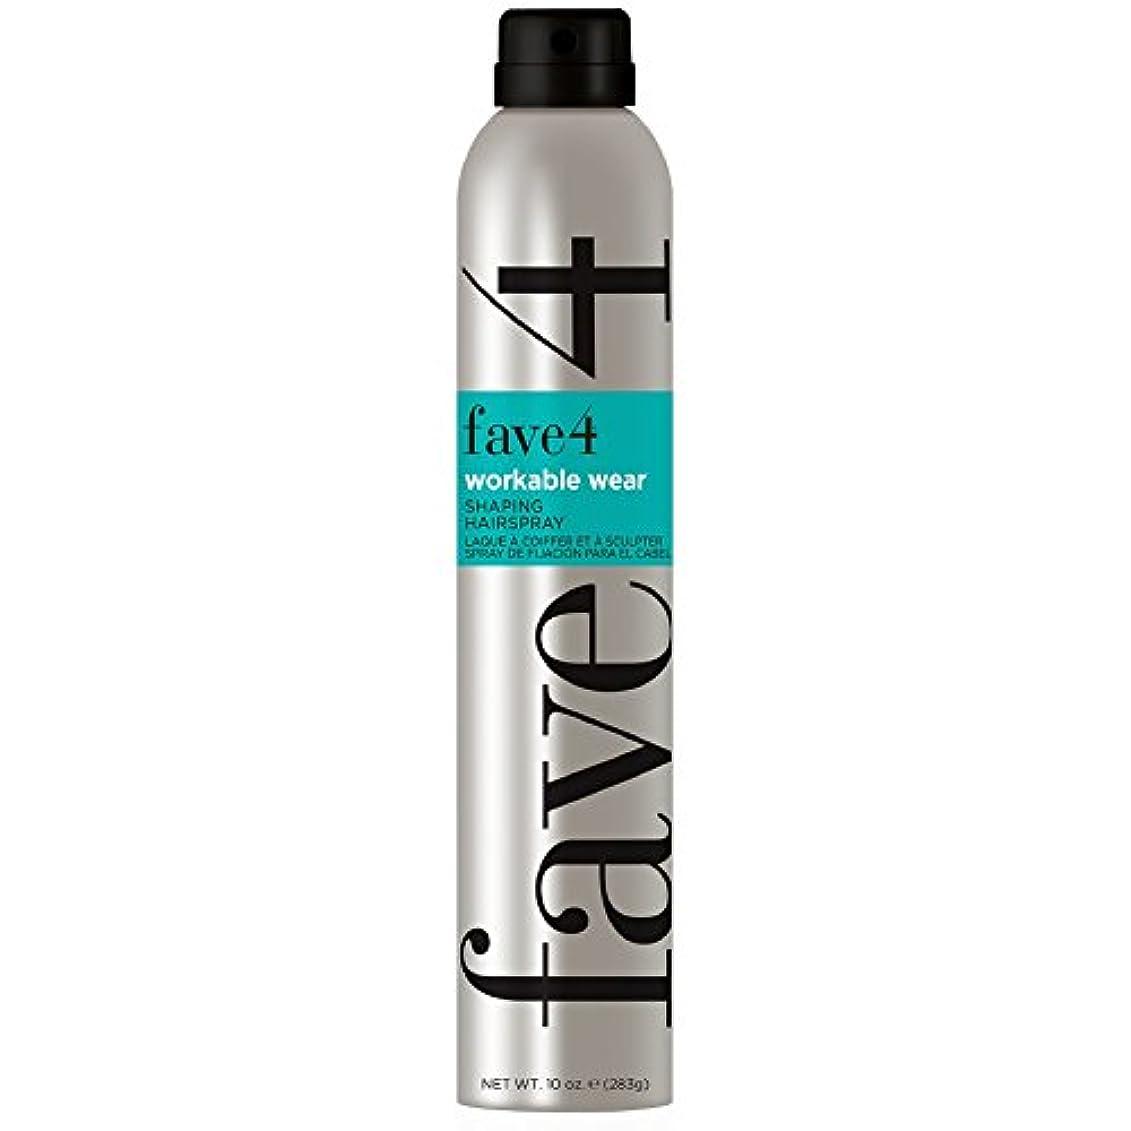 帰るたまにフォーラムfave4 実用服シェーピングヘアスプレー - 硫酸無料 パラベンフリー グルテンフリー 虐待無料 色処理した毛髪、10オンスのための安全な 10オンス